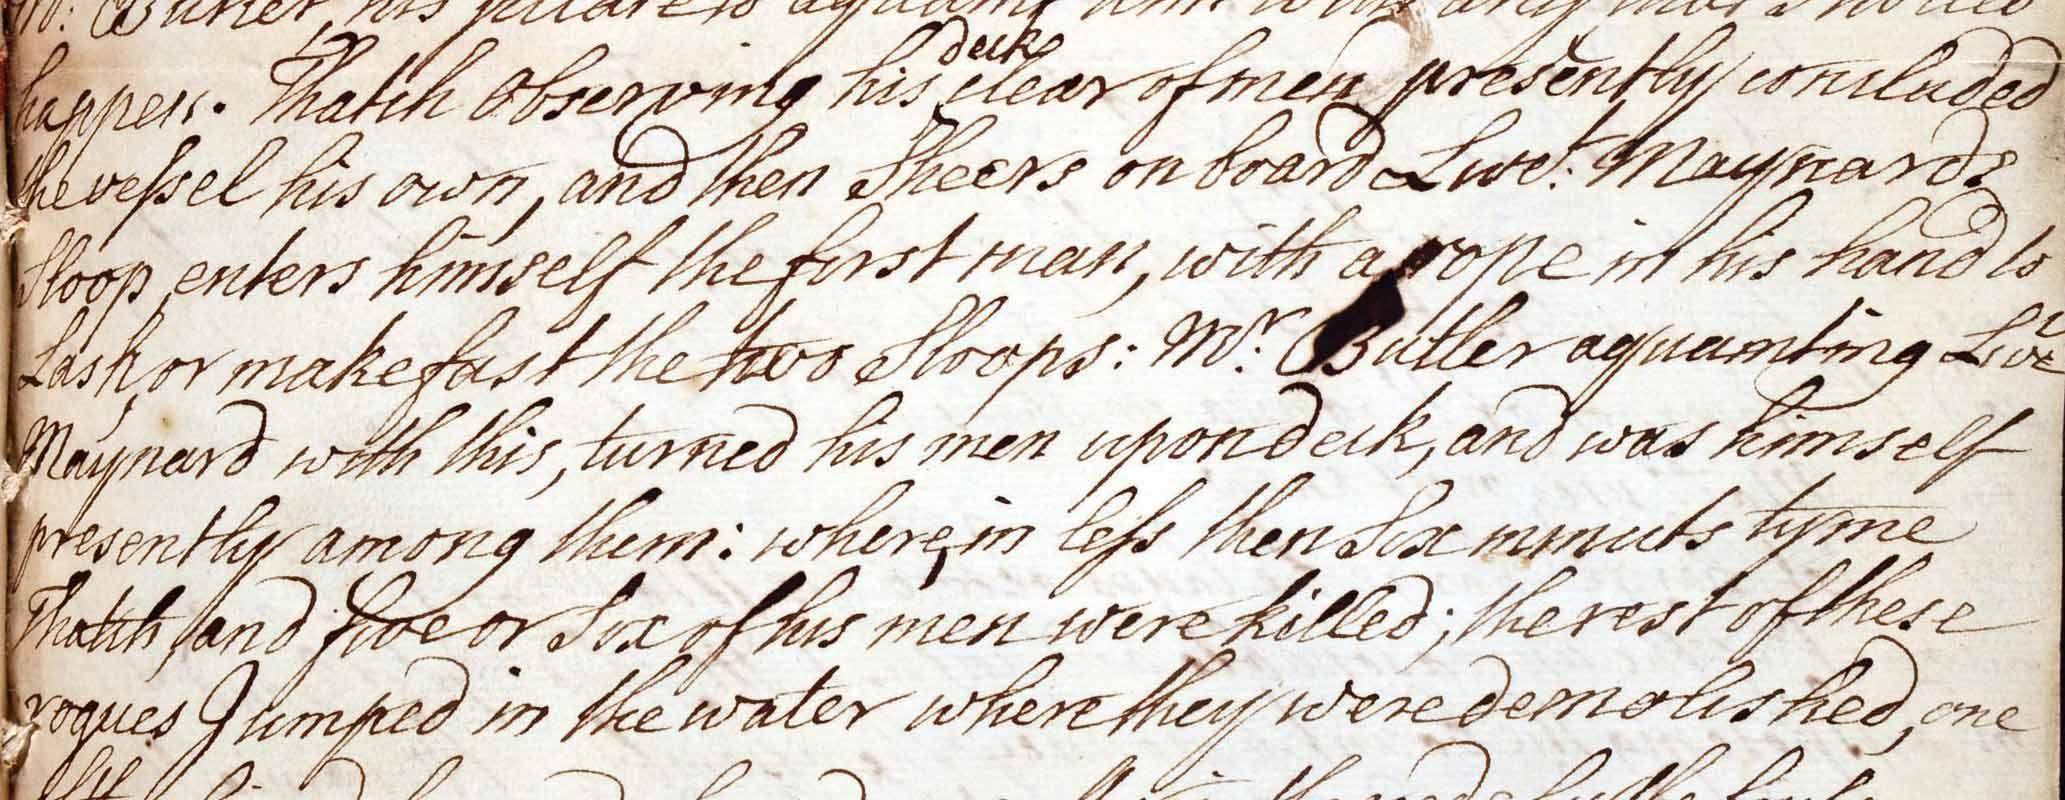 The hunt for Blackbeard, letters from Sir John Norris, 1718